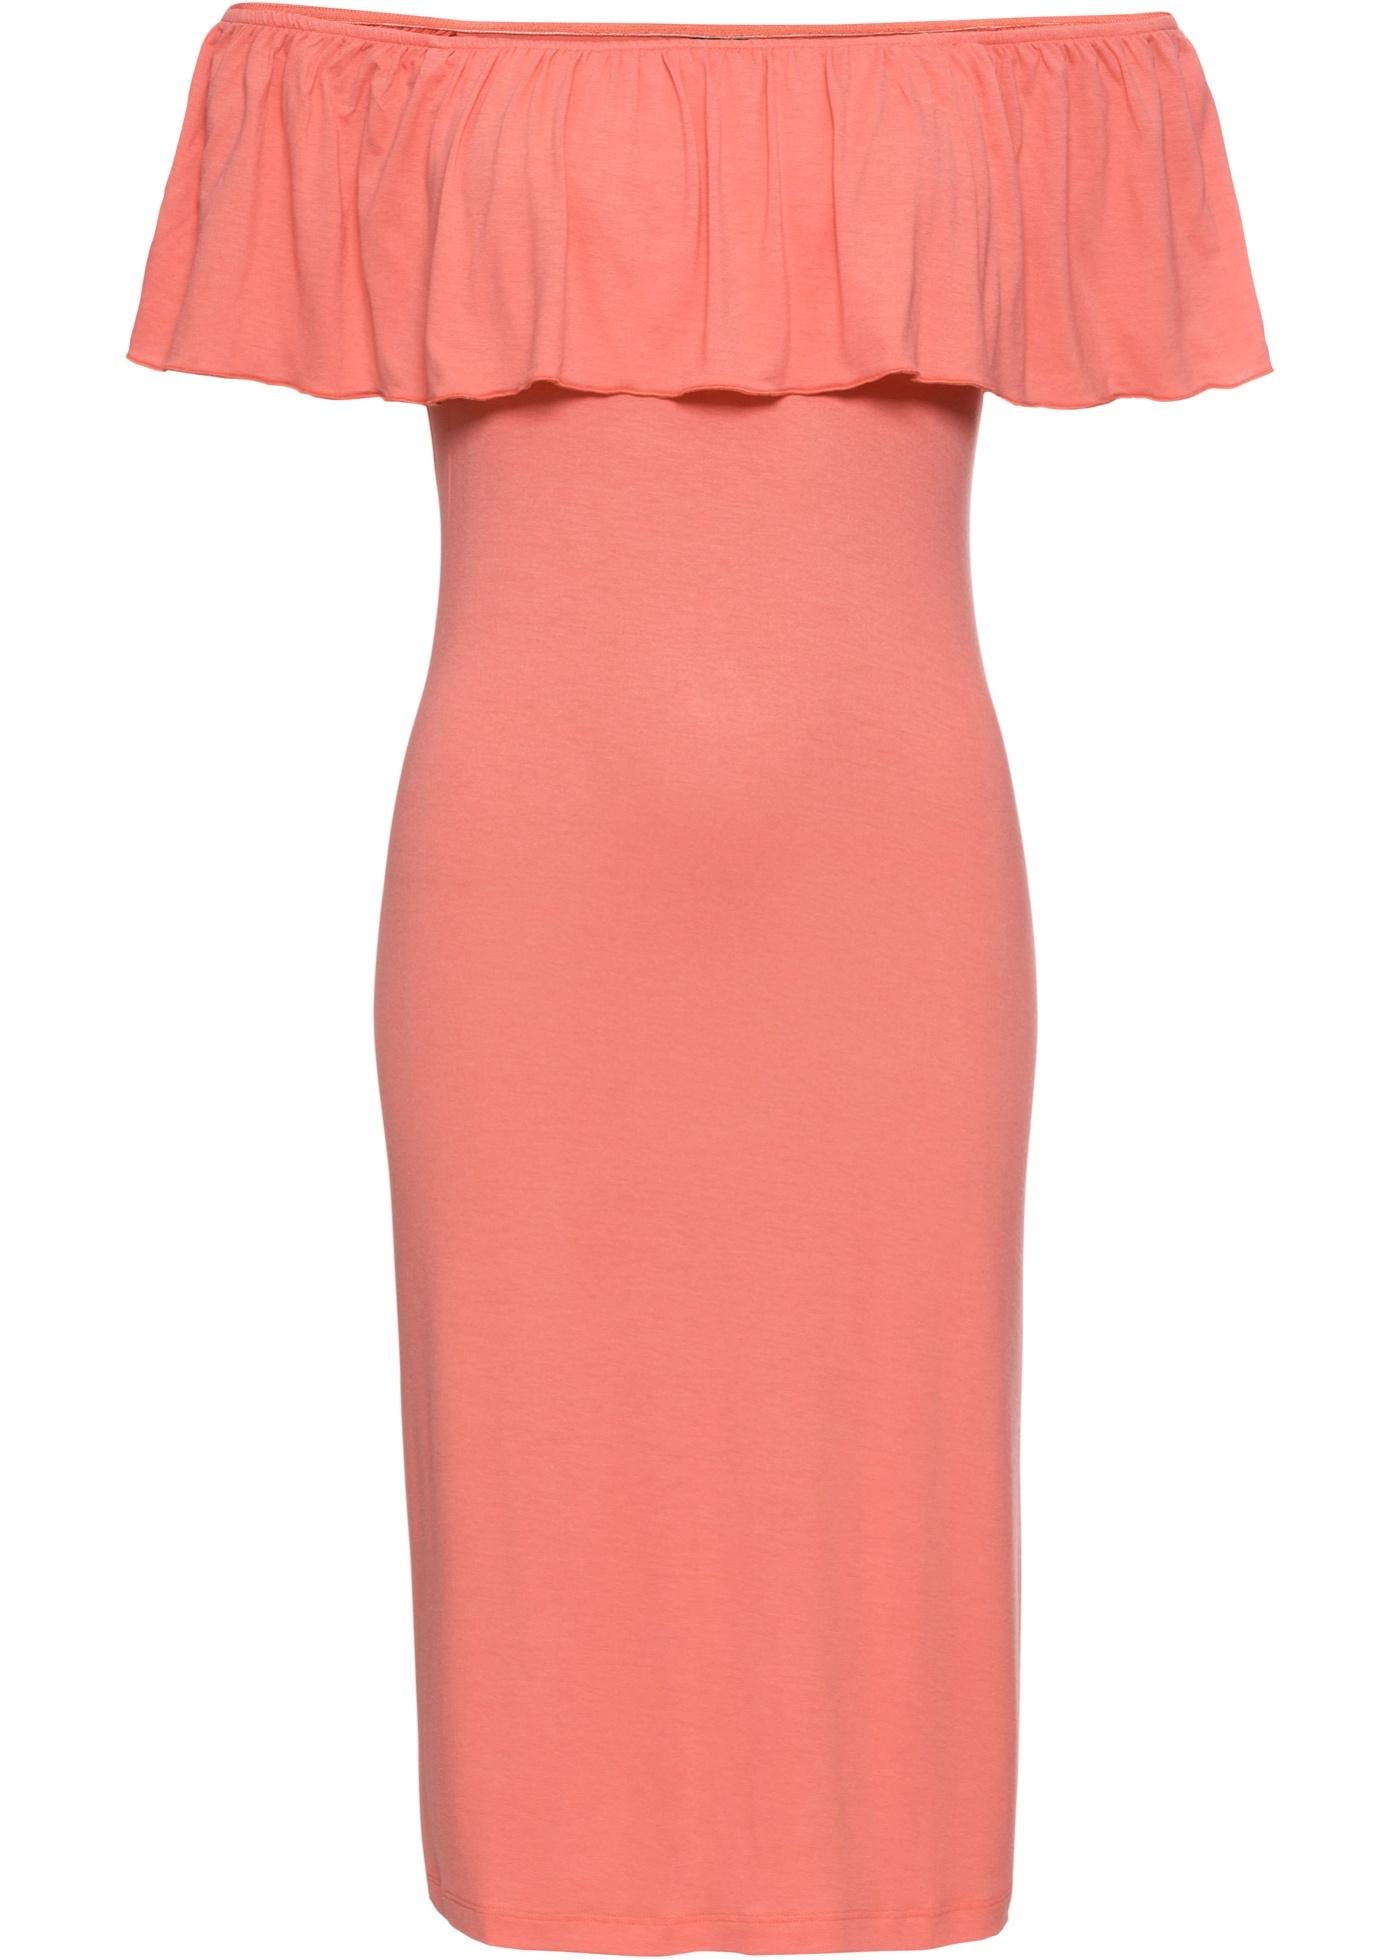 Letní žerzejové šaty s výstřihem Carmen - Pink b3ddb1fdb9